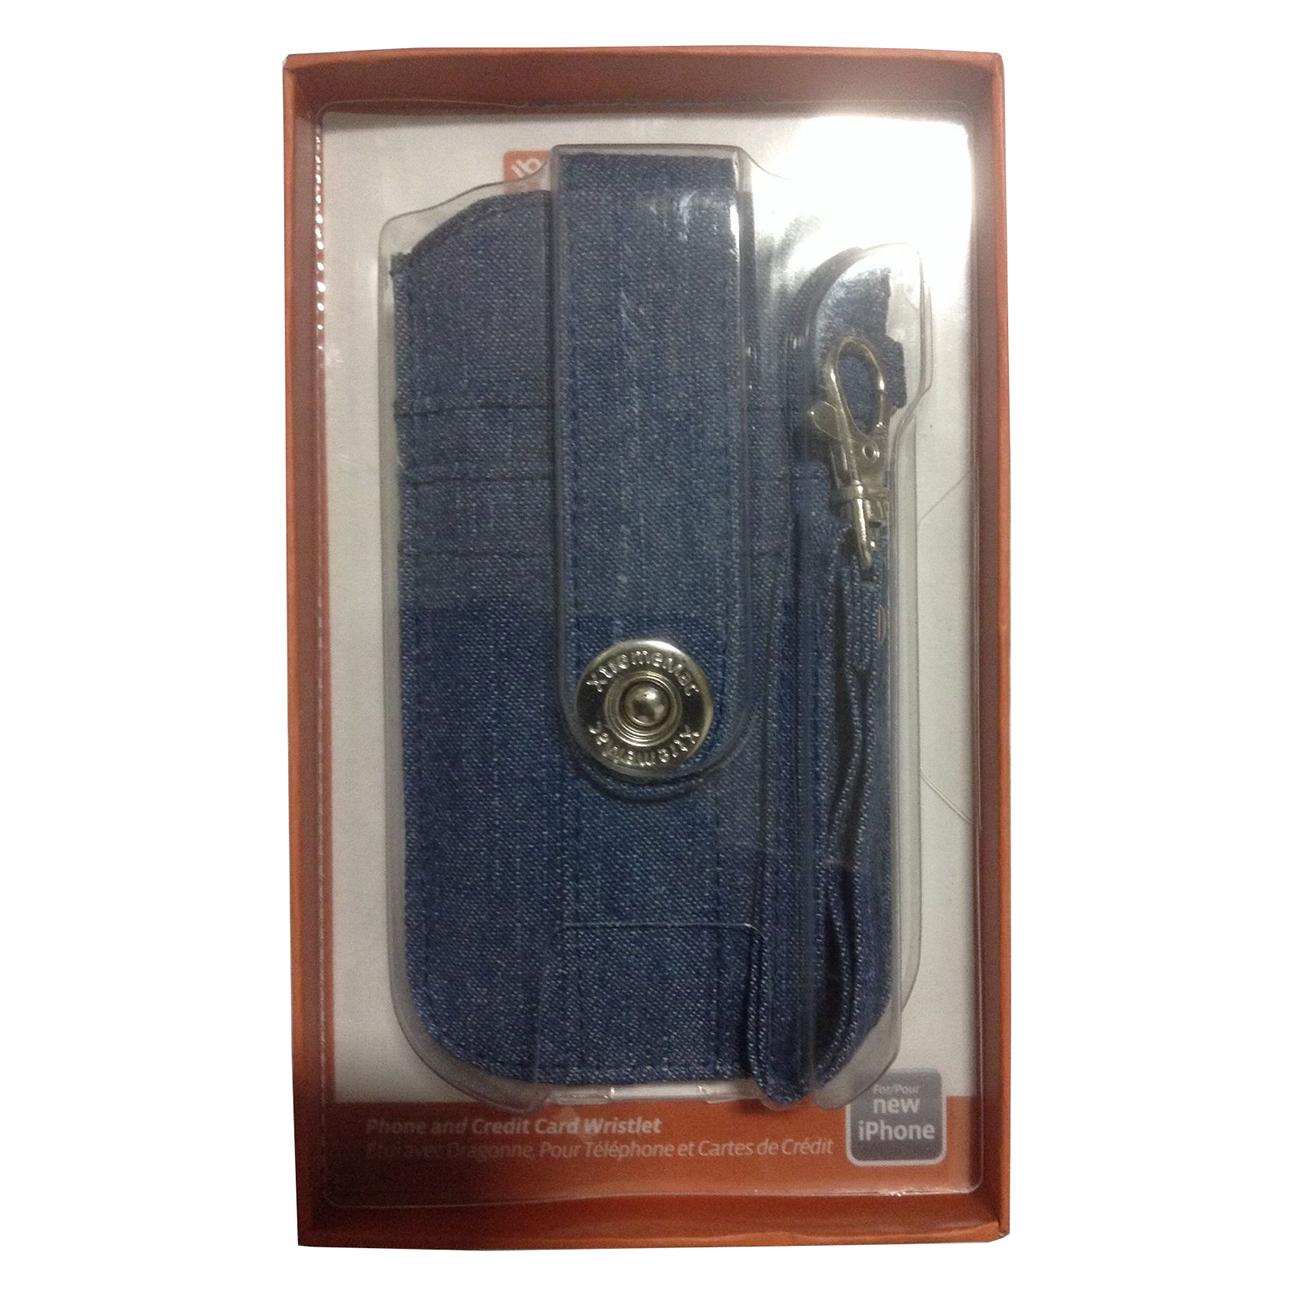 XtremeMac Wristlet Case For iPhone 5/5S/5C - Blue Denim